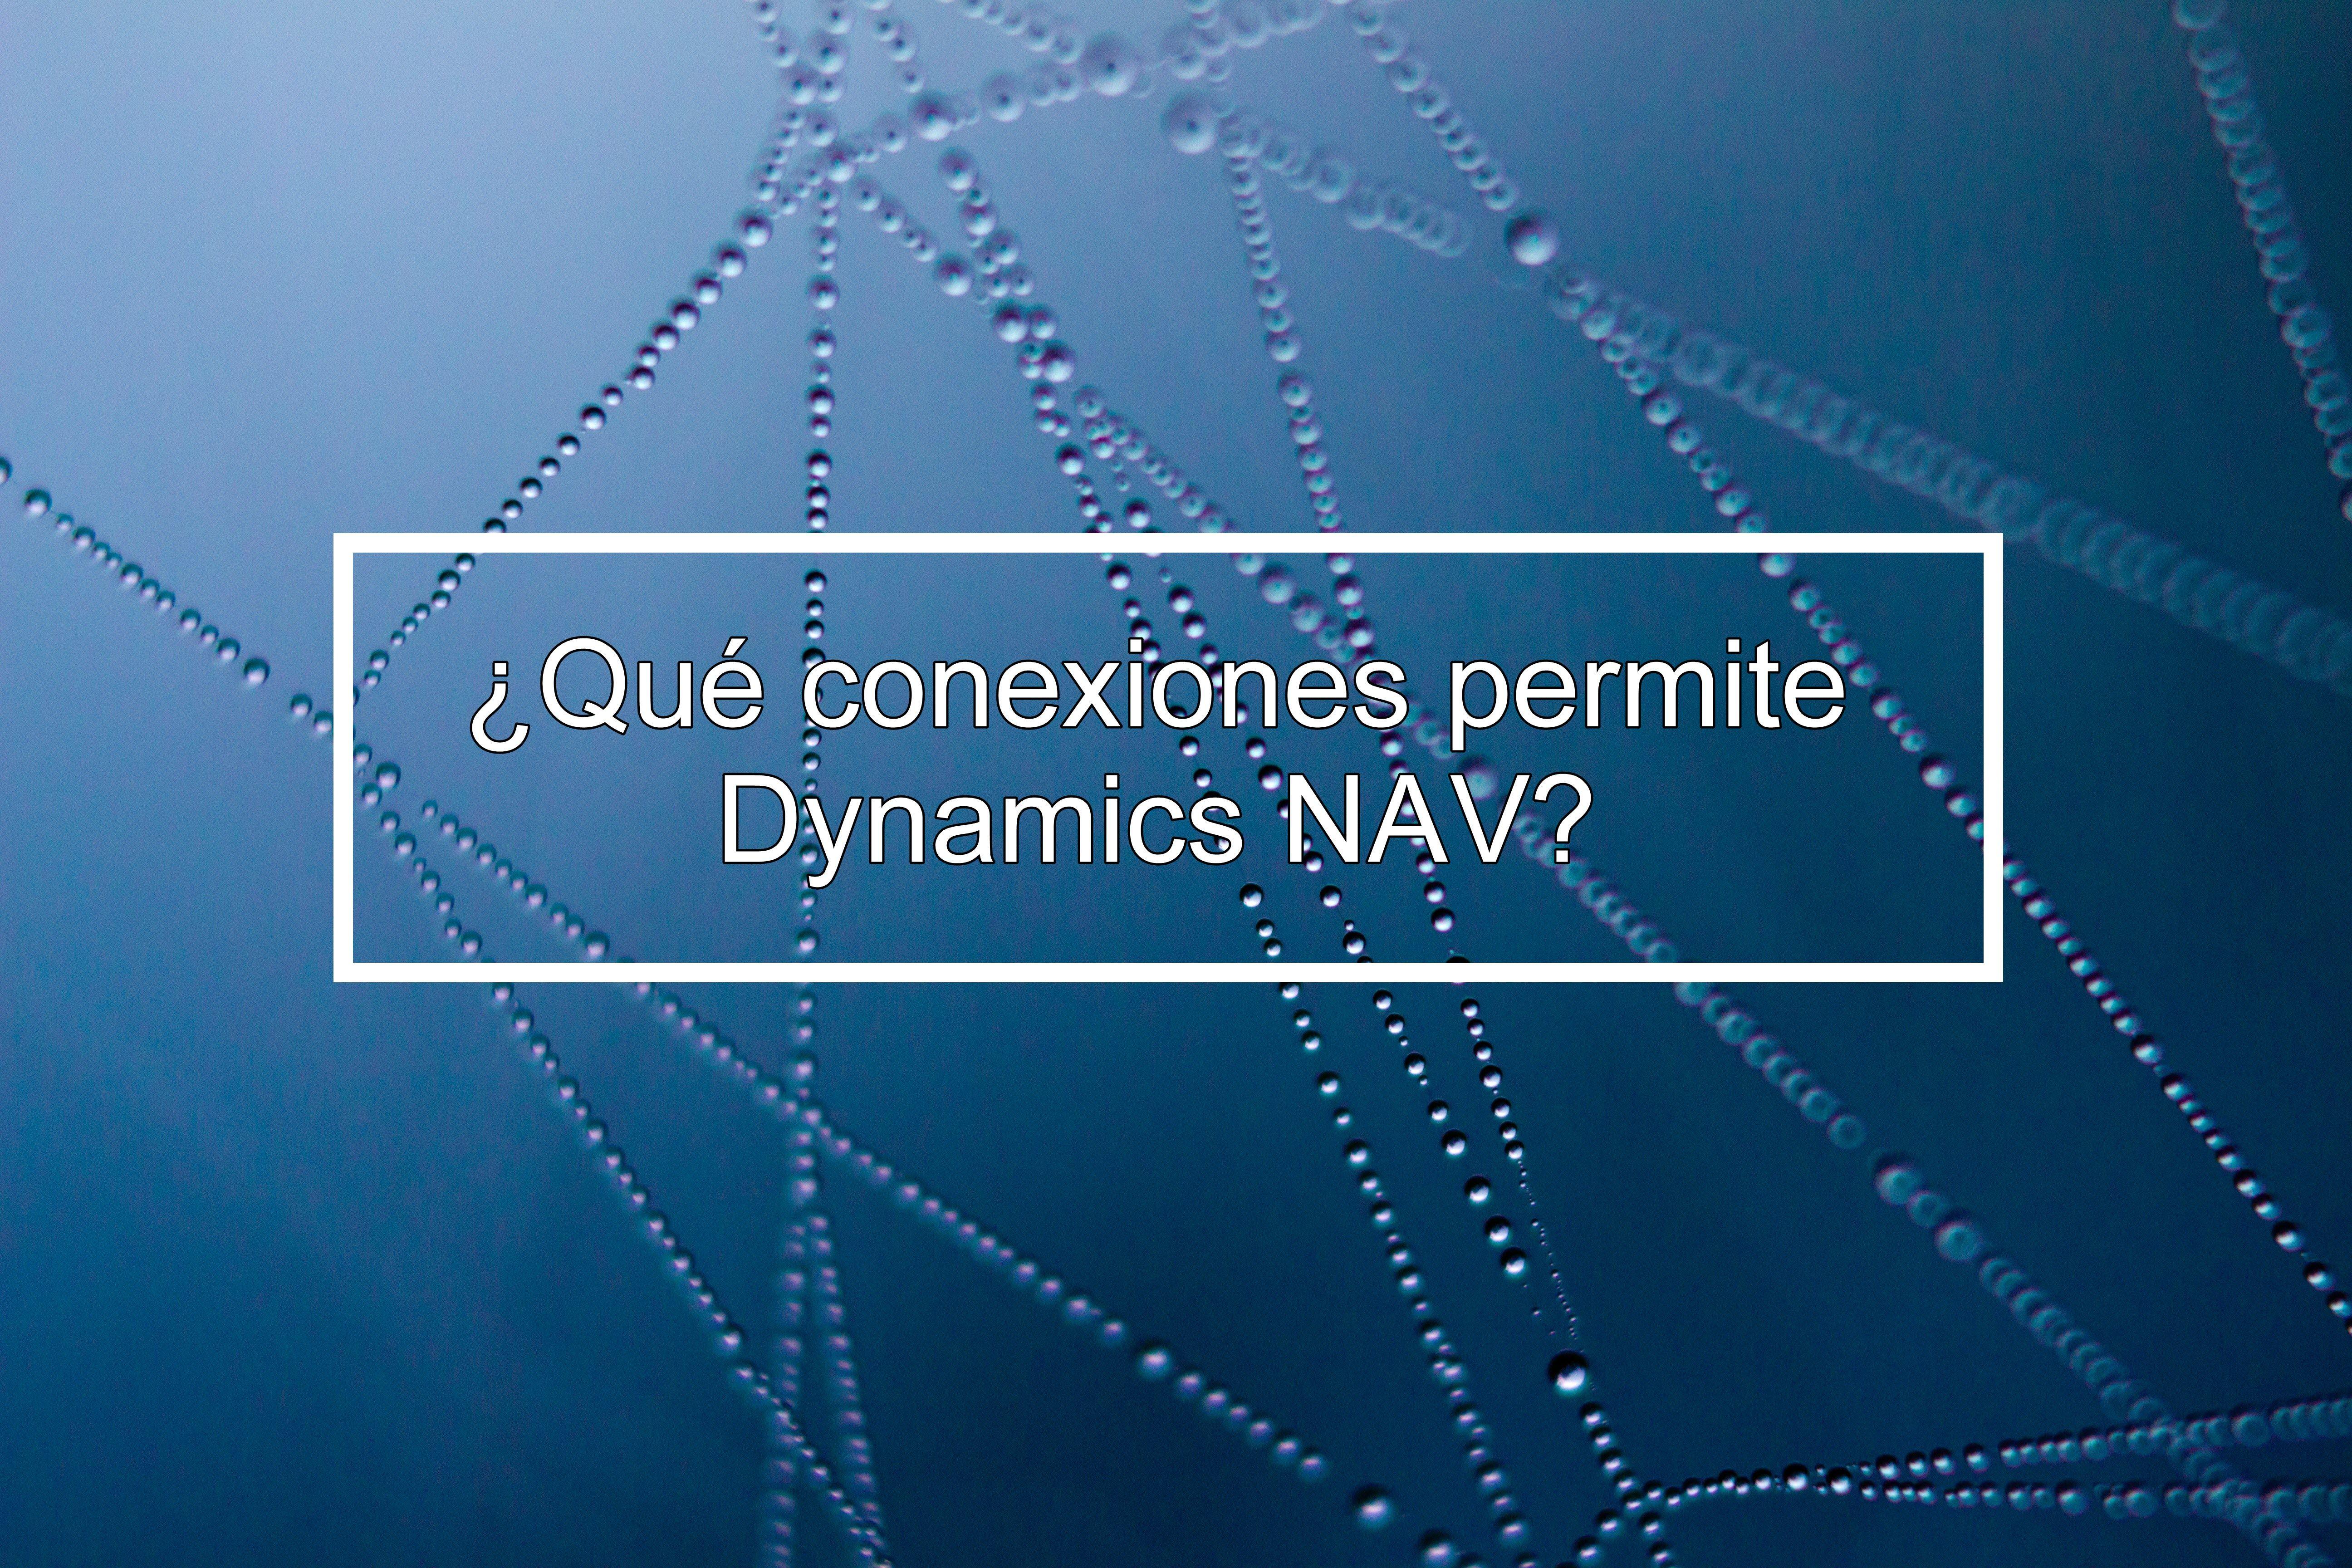 conexiones Dynamics NAV